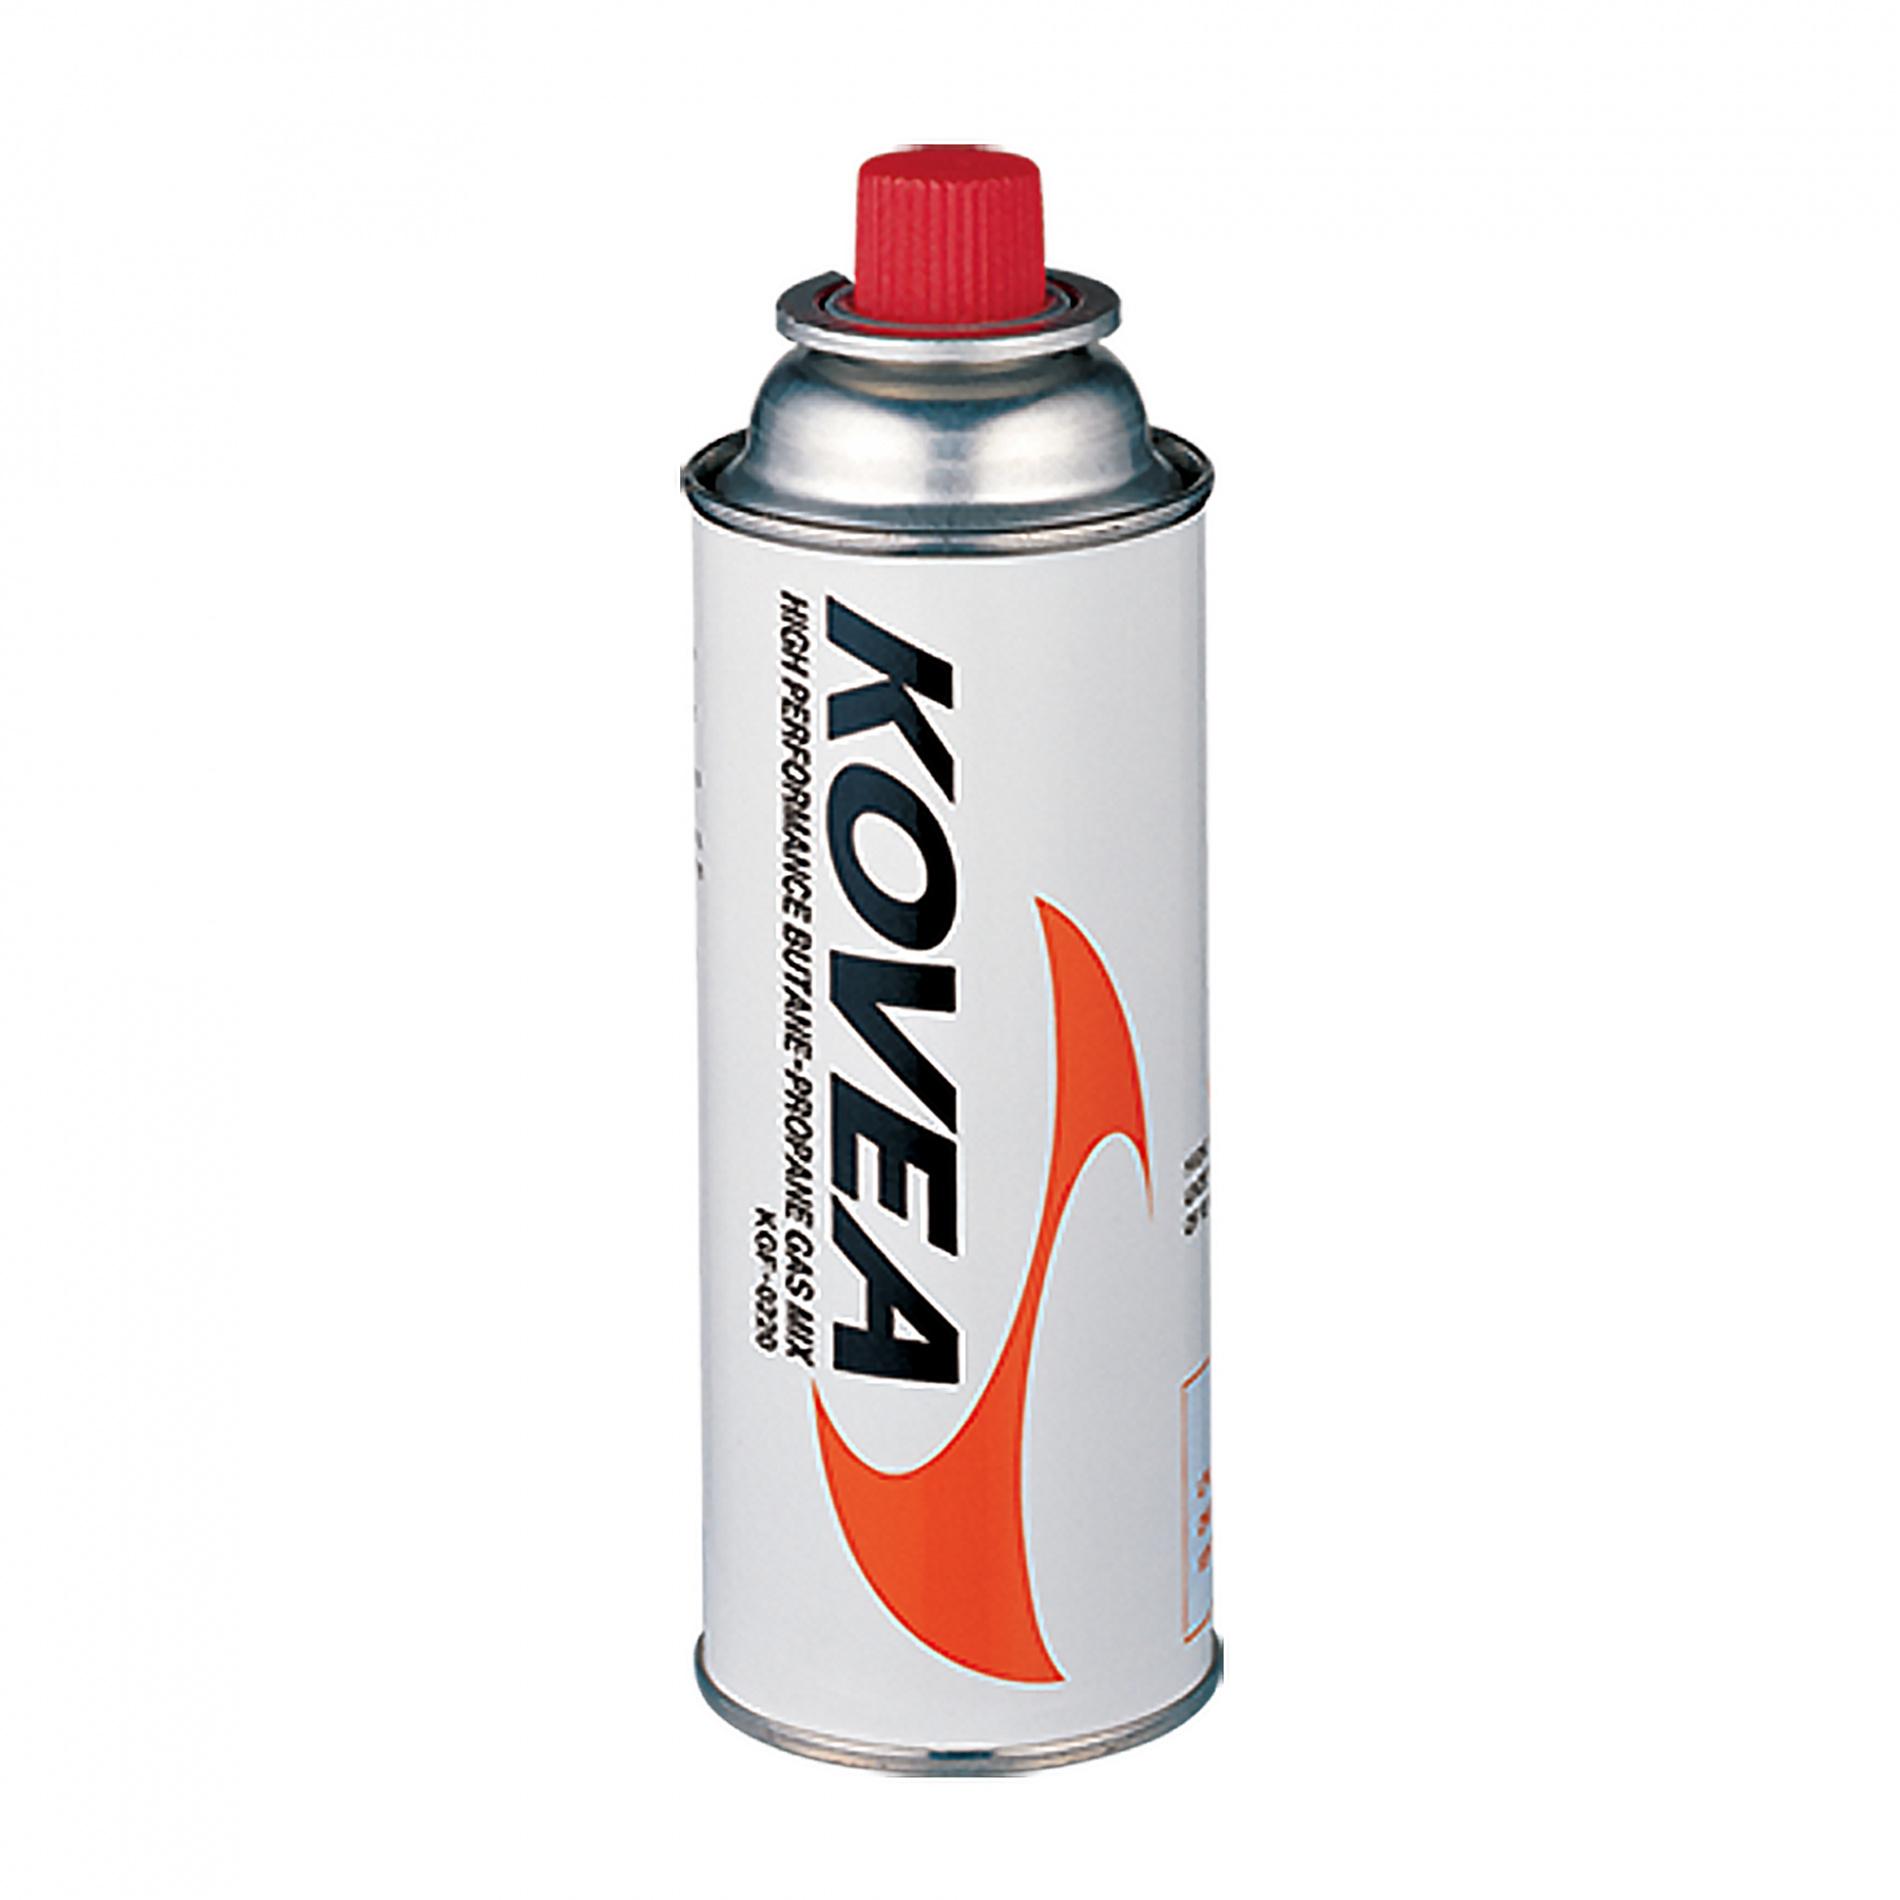 Баллон газовый Kovea 220 (бутан/пропан 70/30)Баллоны<br>Газовый картридж. Баллон наполнен высокопроизводительной <br>газовой пропановой смесью составом: Пропан <br>30%, Бутан 70%. Возможно использование со всеми <br>типами газовых приборов KOVEA и приборами <br>других производителей с аналогичным стадартом. <br>Баллон устанавливается напрямую или через <br>переходники KA-0103 Cobra и КА-9504.<br>